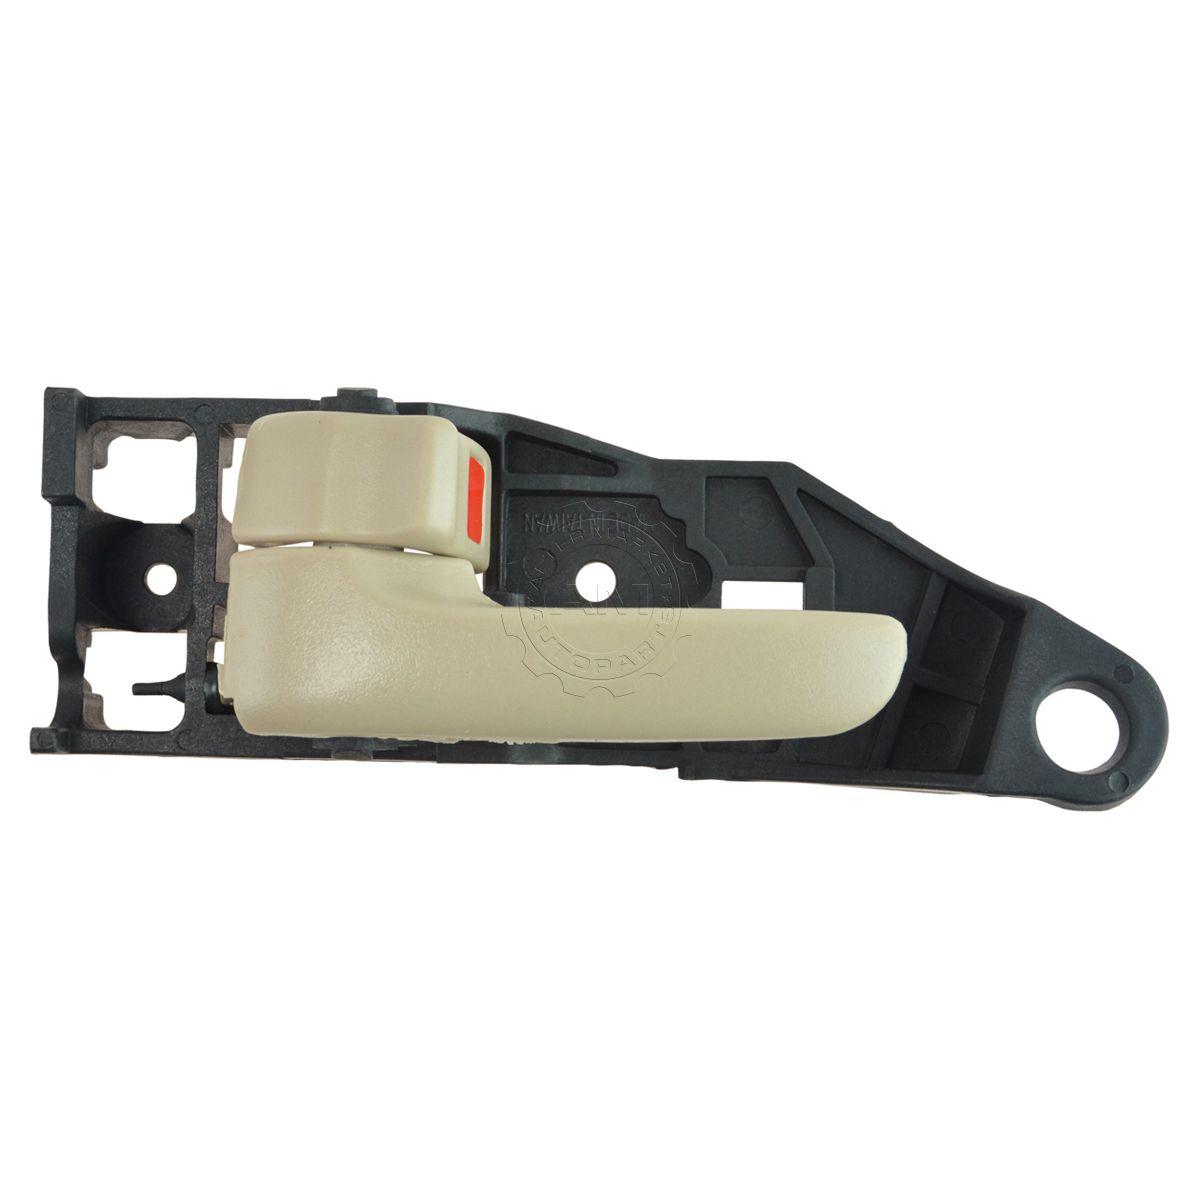 New interior inside door handle lh driver side ivory - 2000 toyota solara interior door handle ...